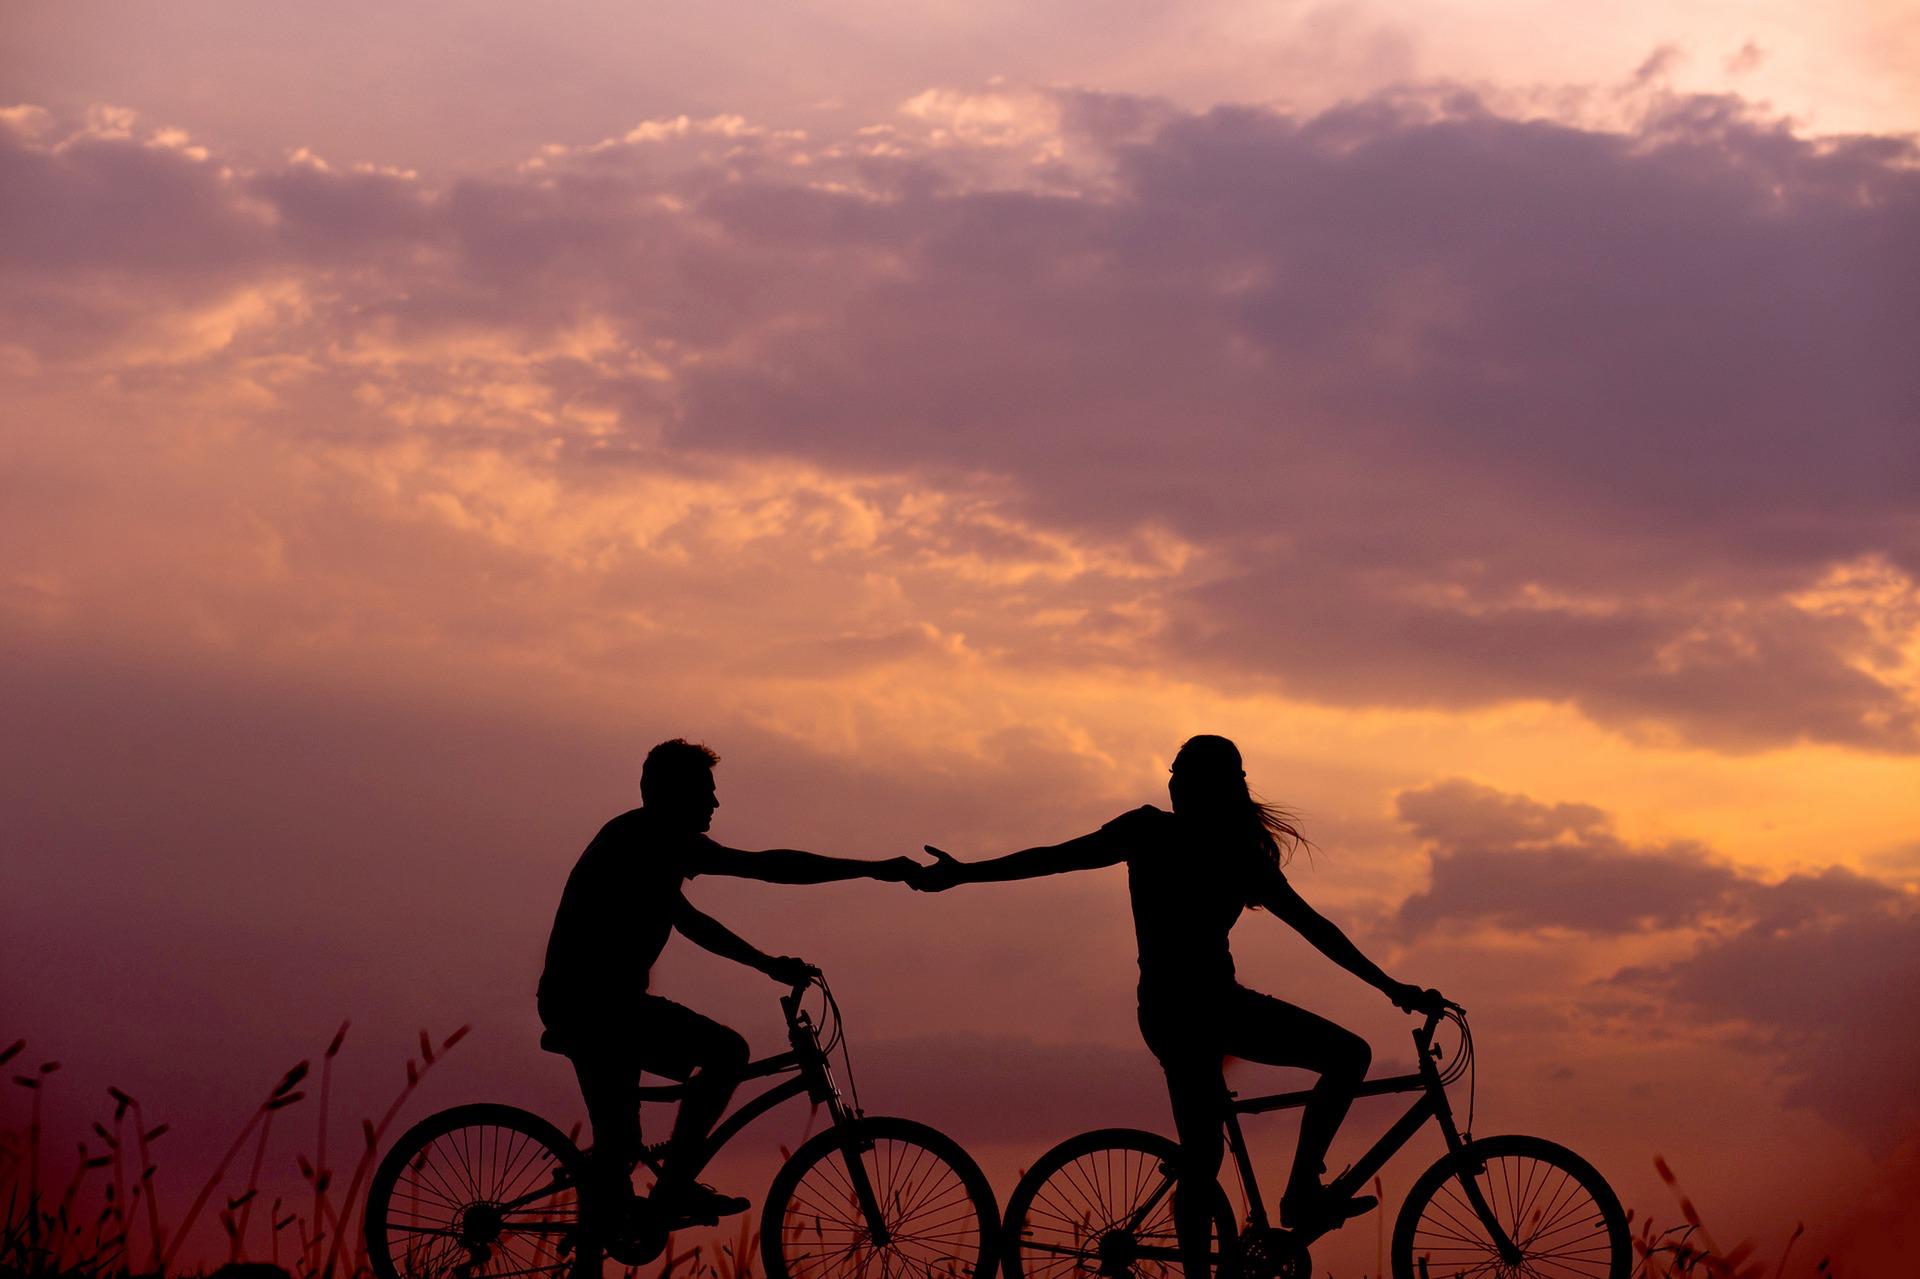 bicycle-1867046_1920.jpg